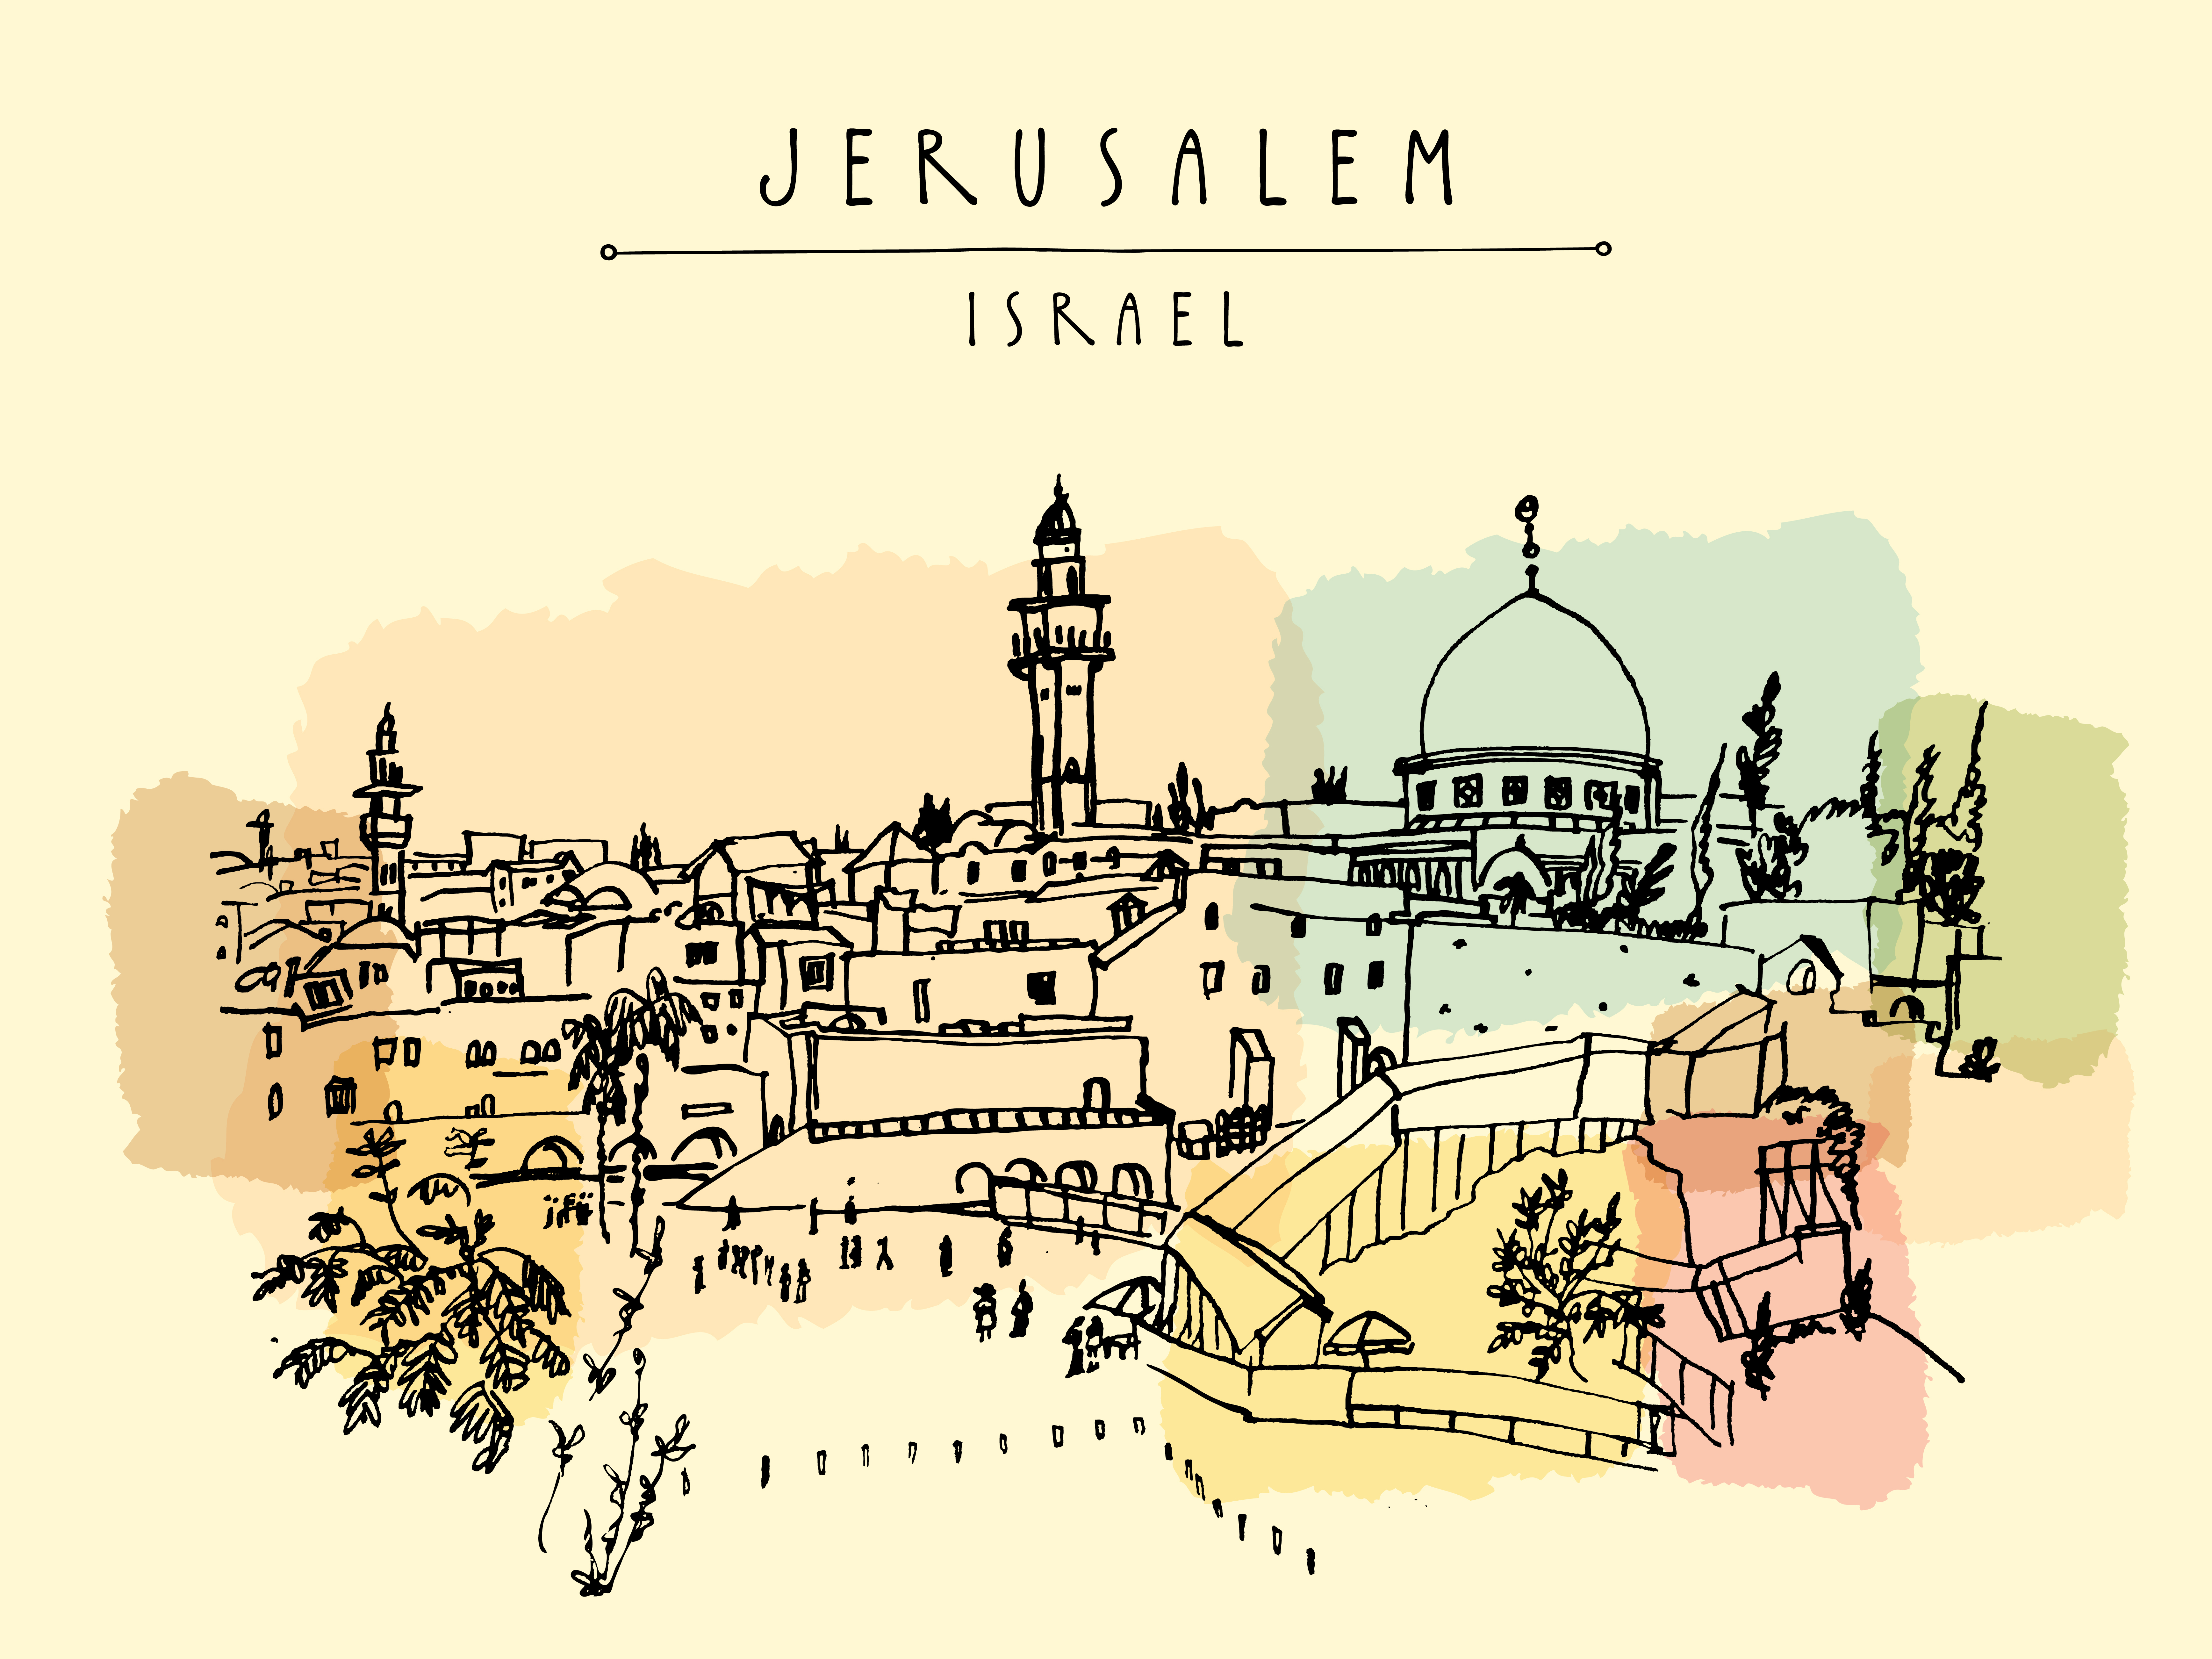 купить участок земли в израиле